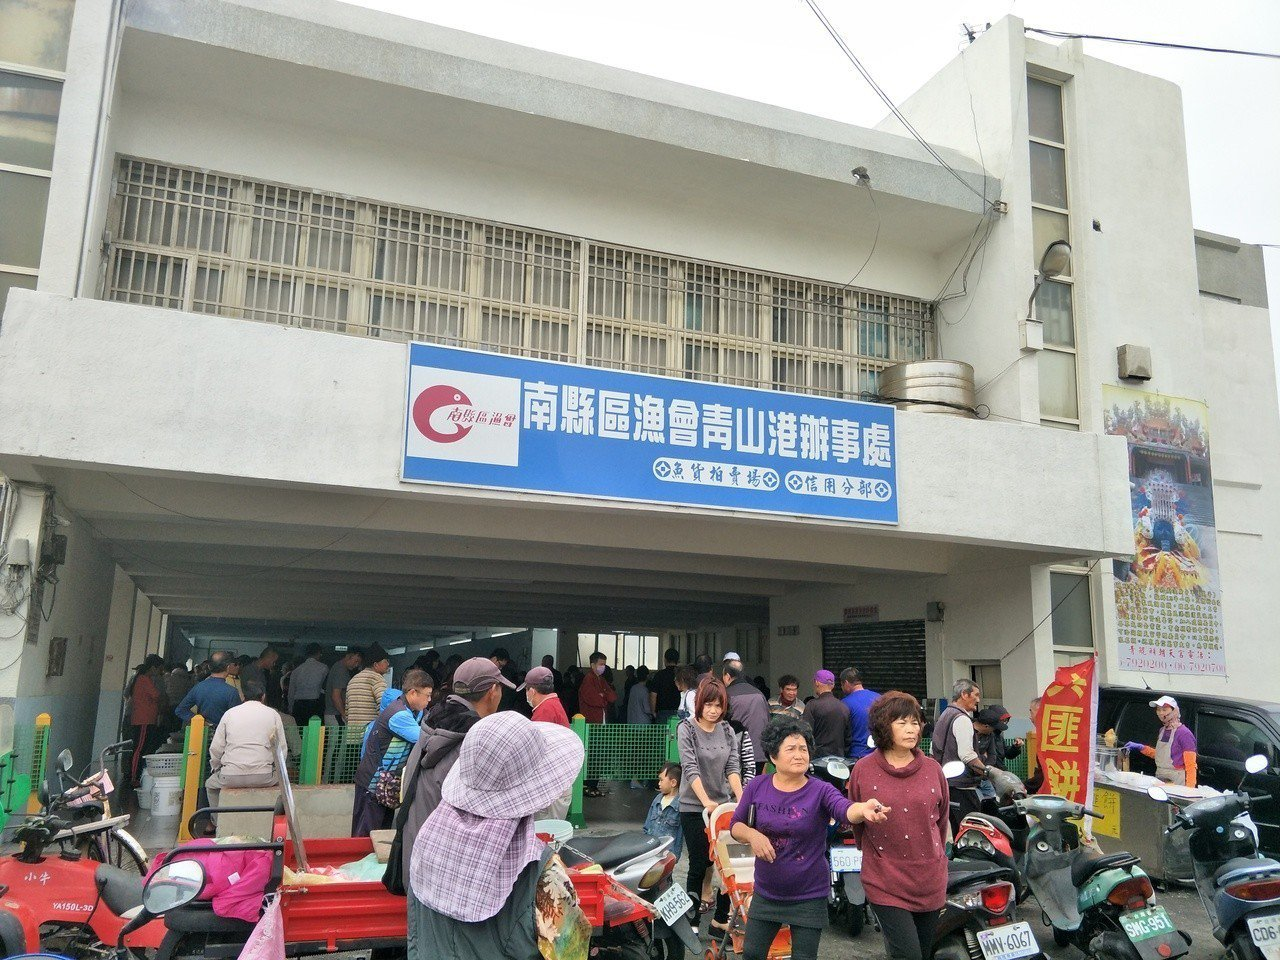 年關近,青山漁港滿滿人潮。記者謝進盛╱攝影